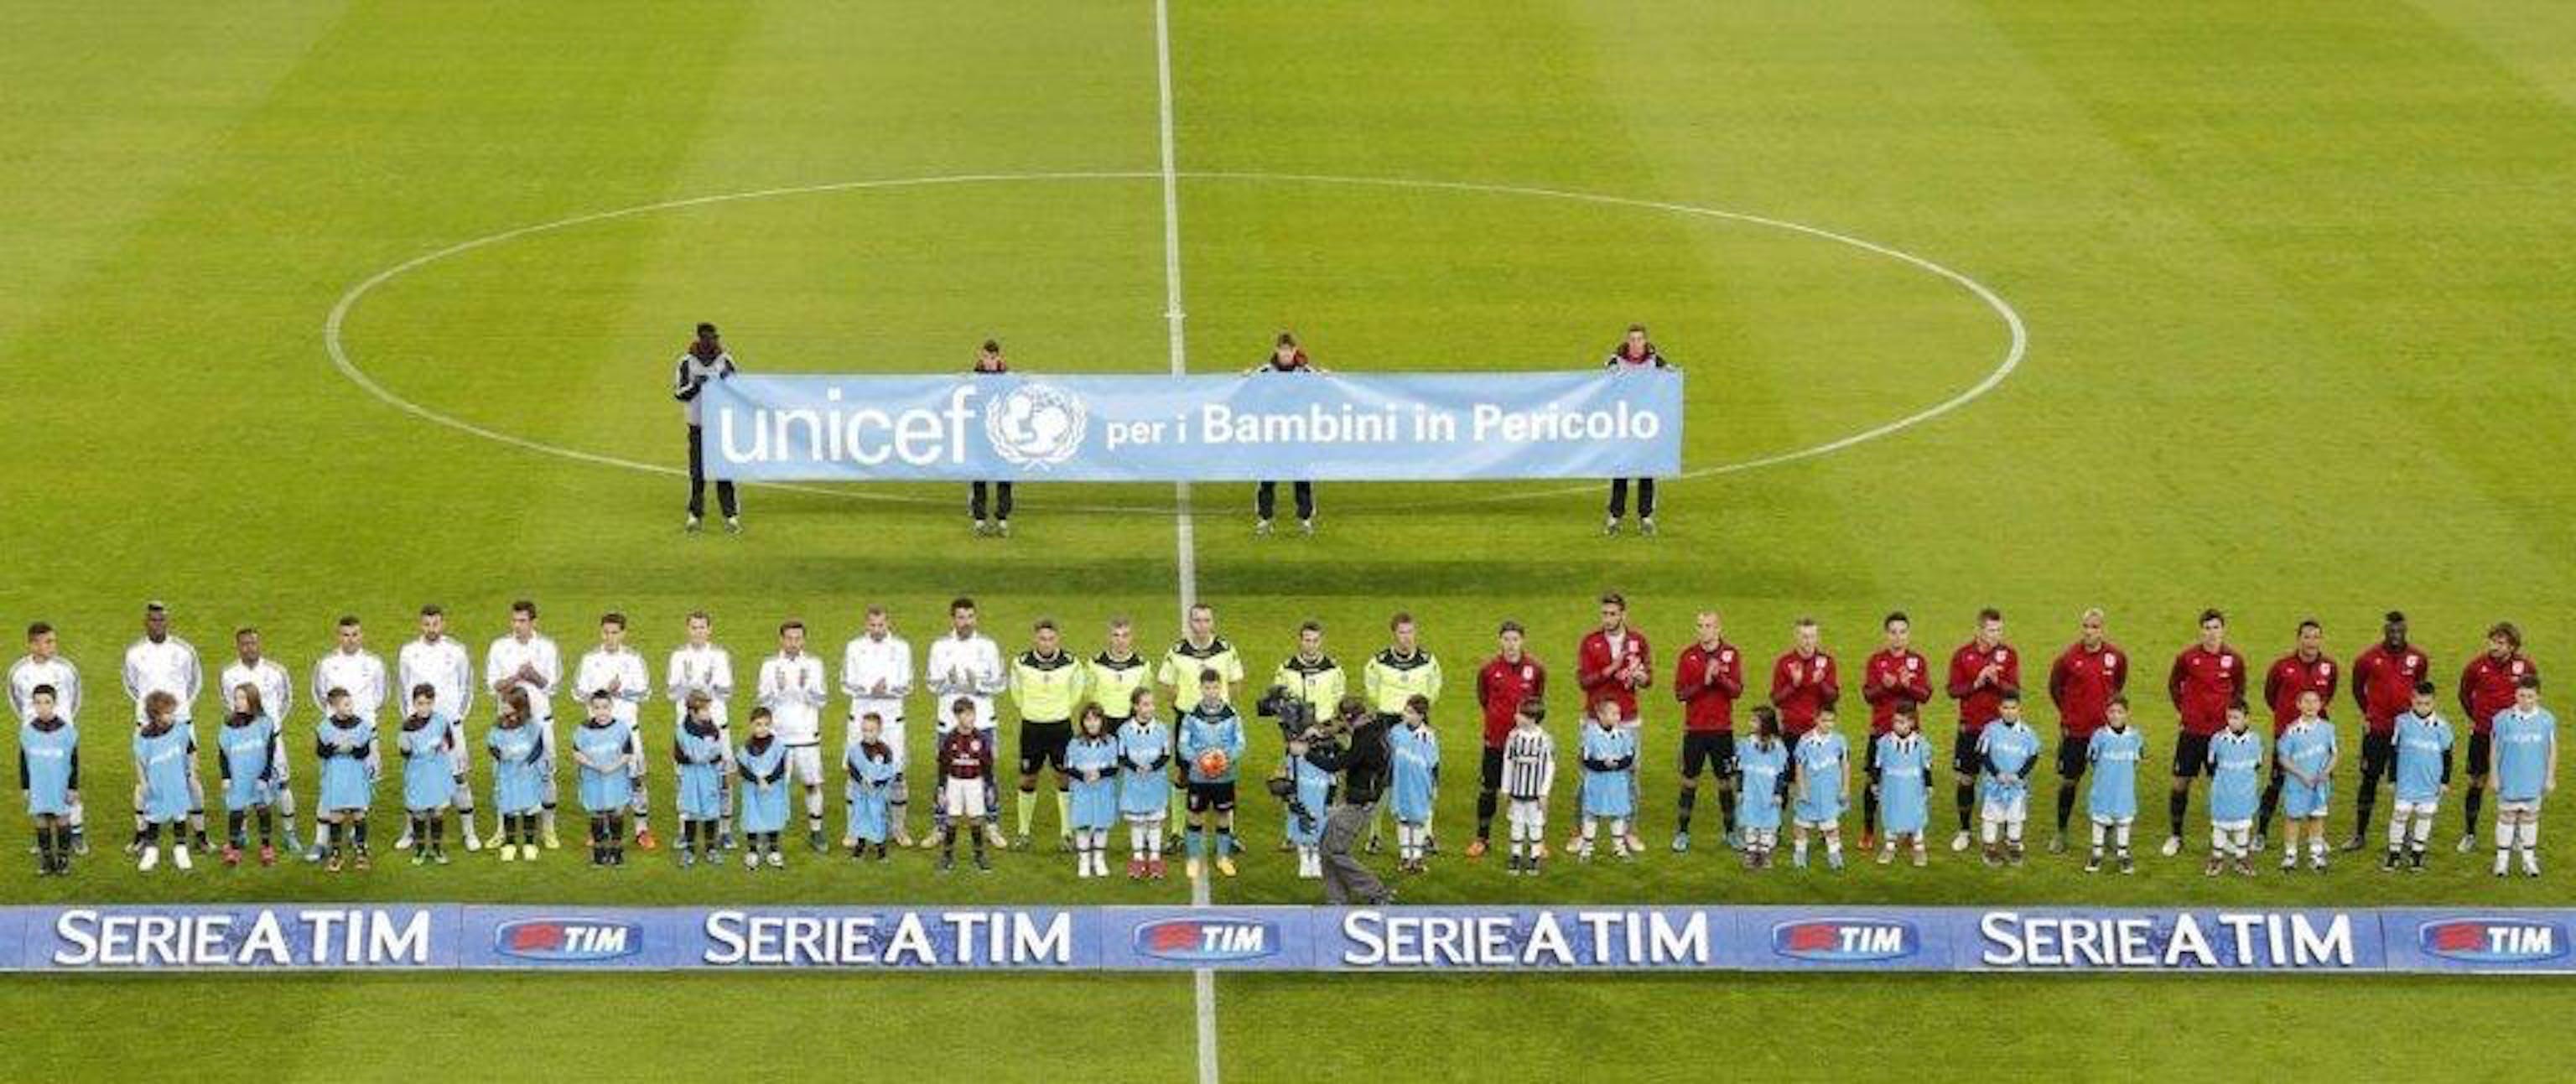 Lo striscione dell'UNICEF in uno stadio della Serie A TIM